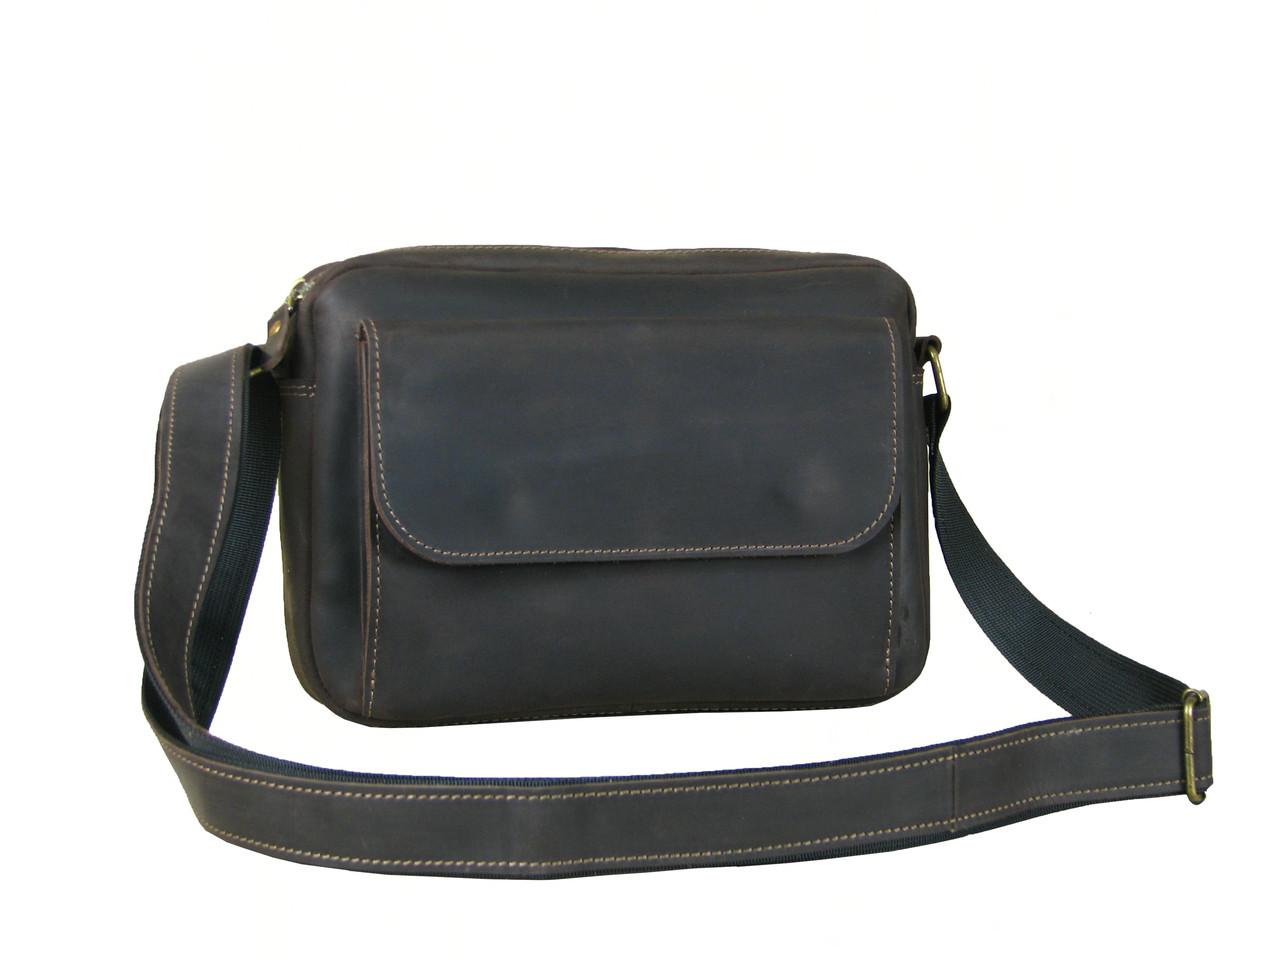 Мужская сумка кросс боди GS кожаная коричнева